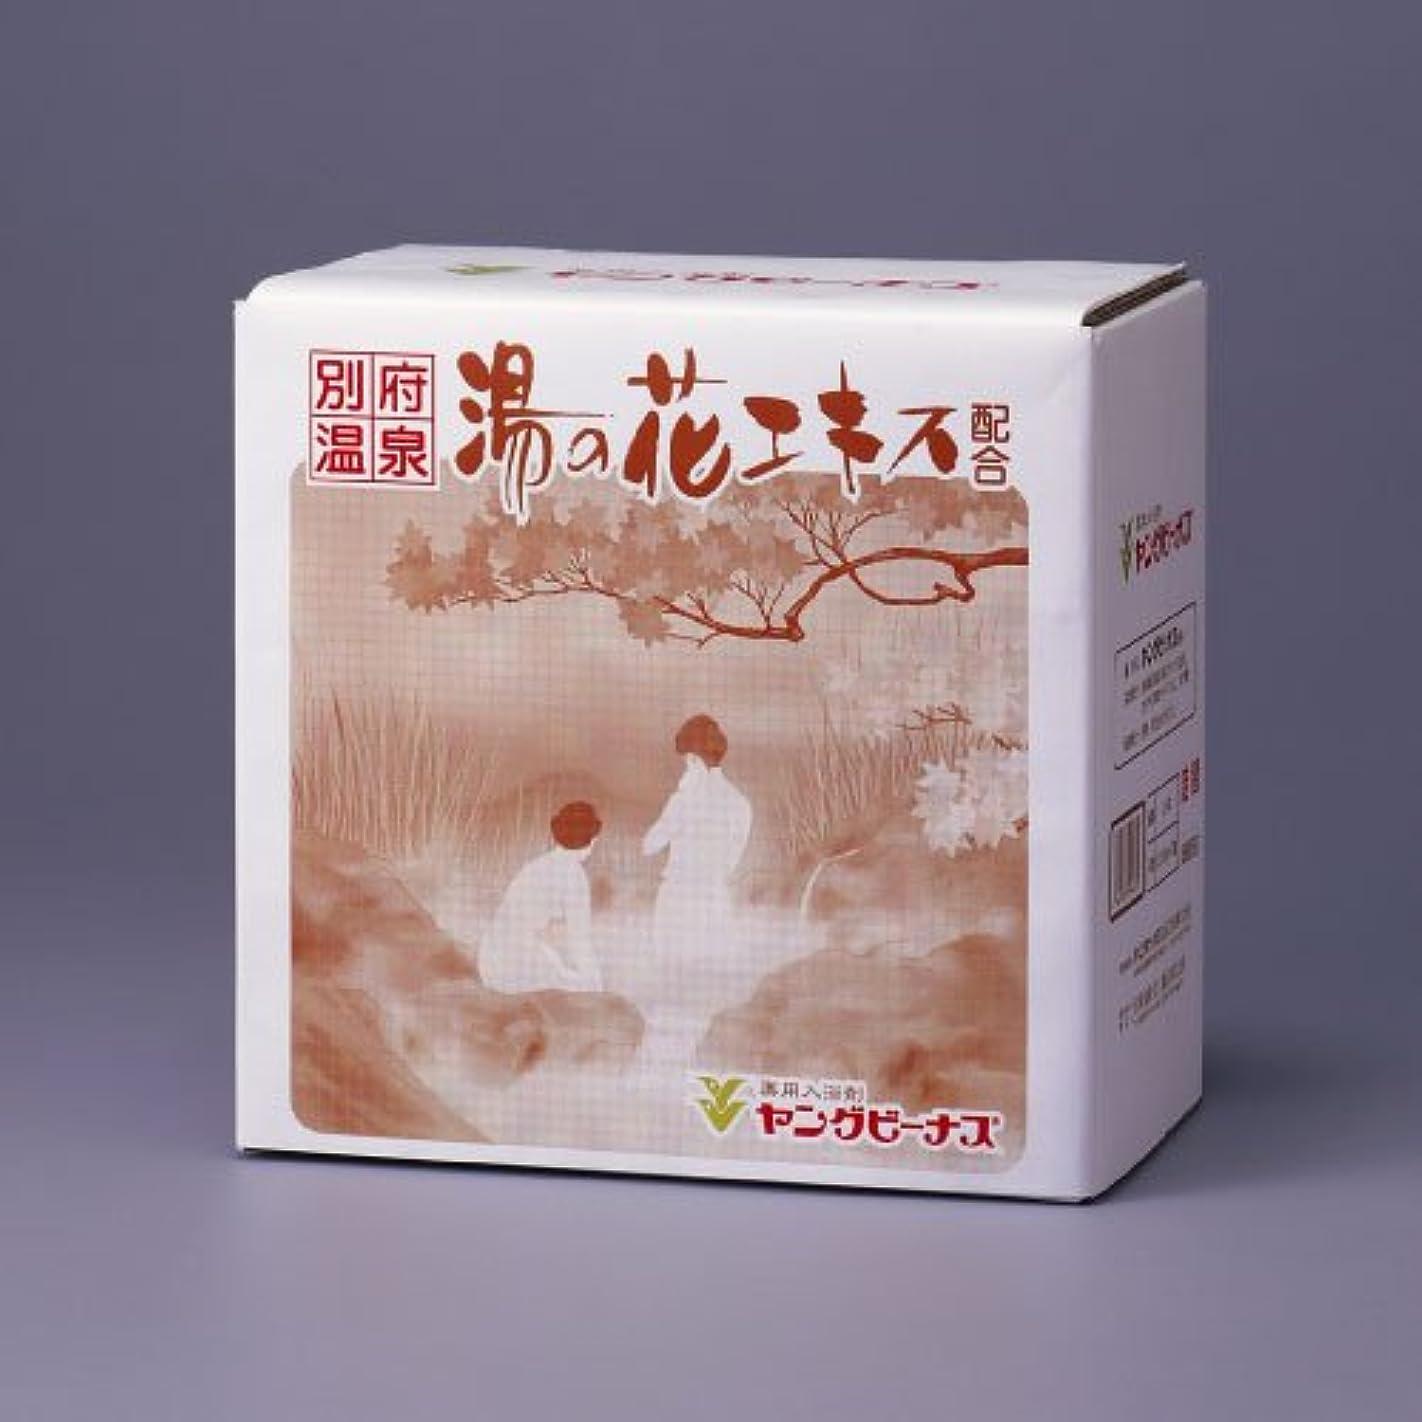 腐敗したゴミ箱錫薬用入浴剤ヤングビーナスSv C-60【5.6kg】(詰替2.8kg2袋) [医薬部外品]